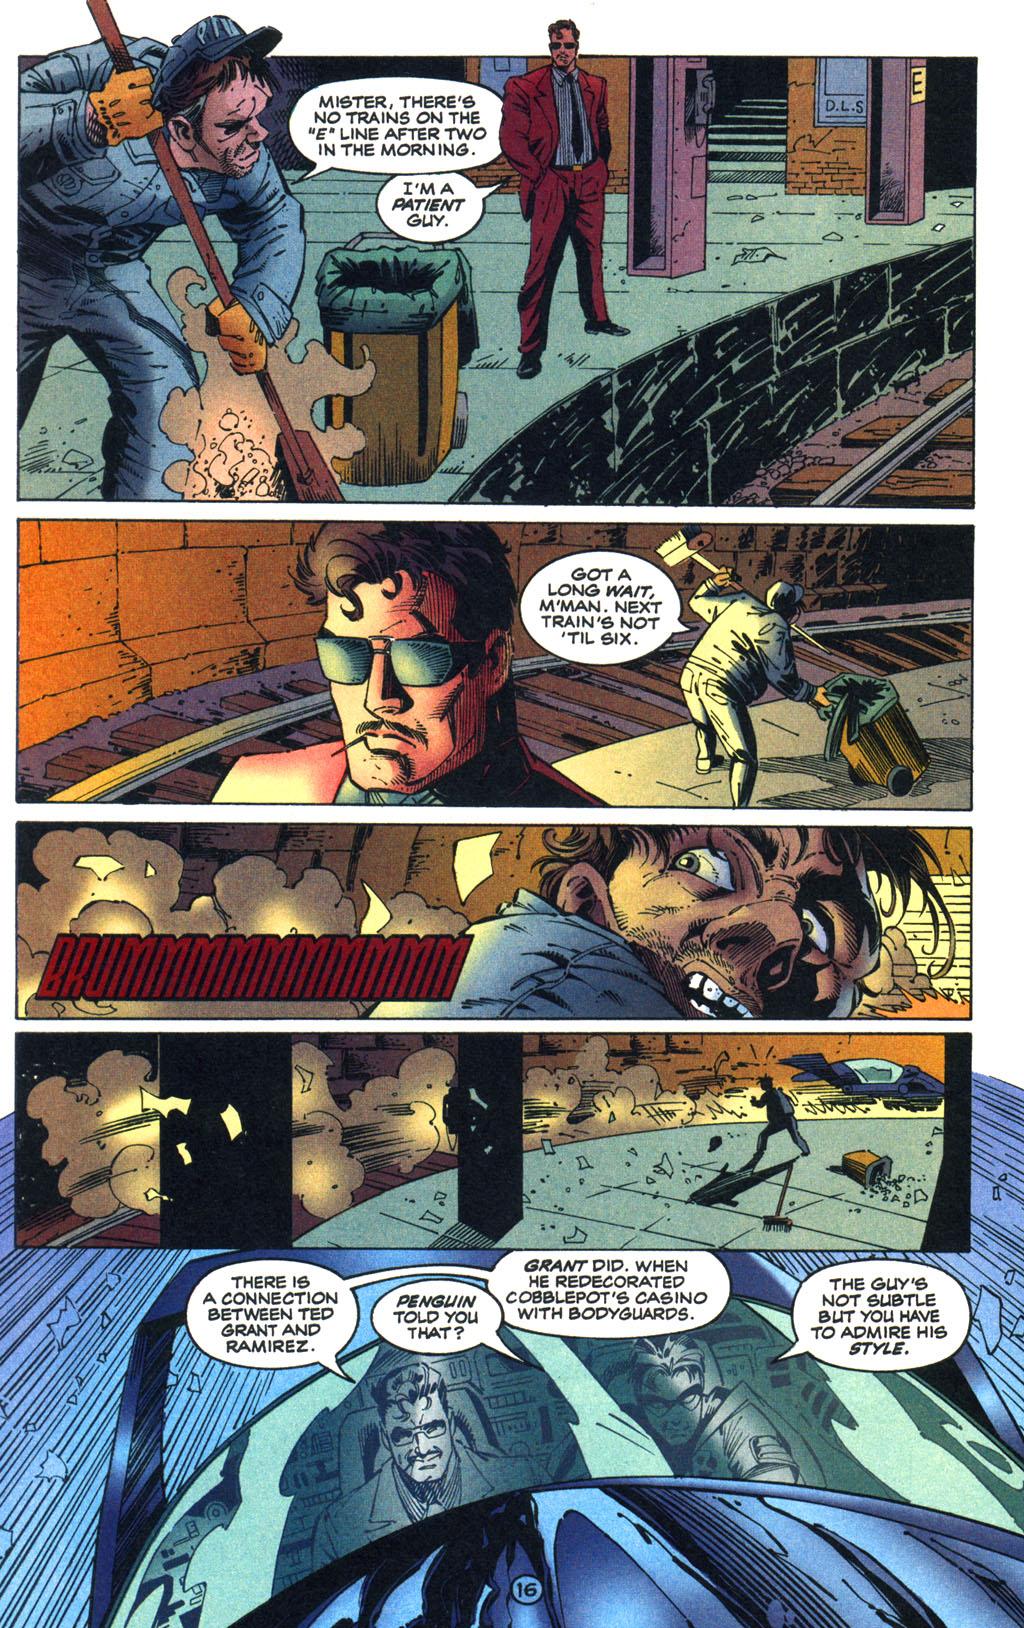 Read online Batman/Wildcat comic -  Issue #1 - 16